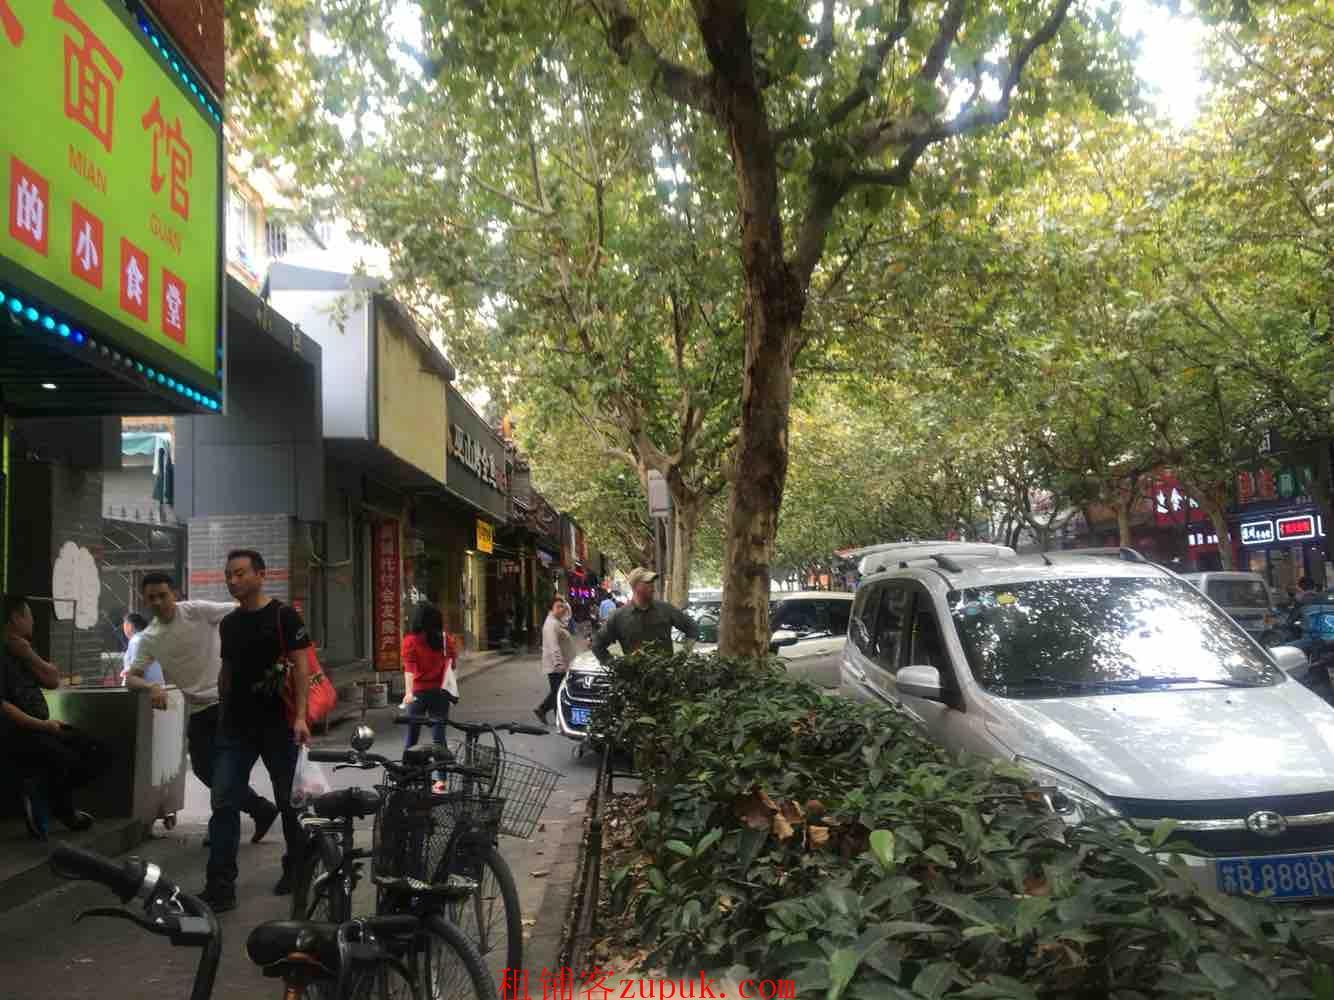 浦东新区蓝村路超大人流面宽7米有煤气招各类特色美食